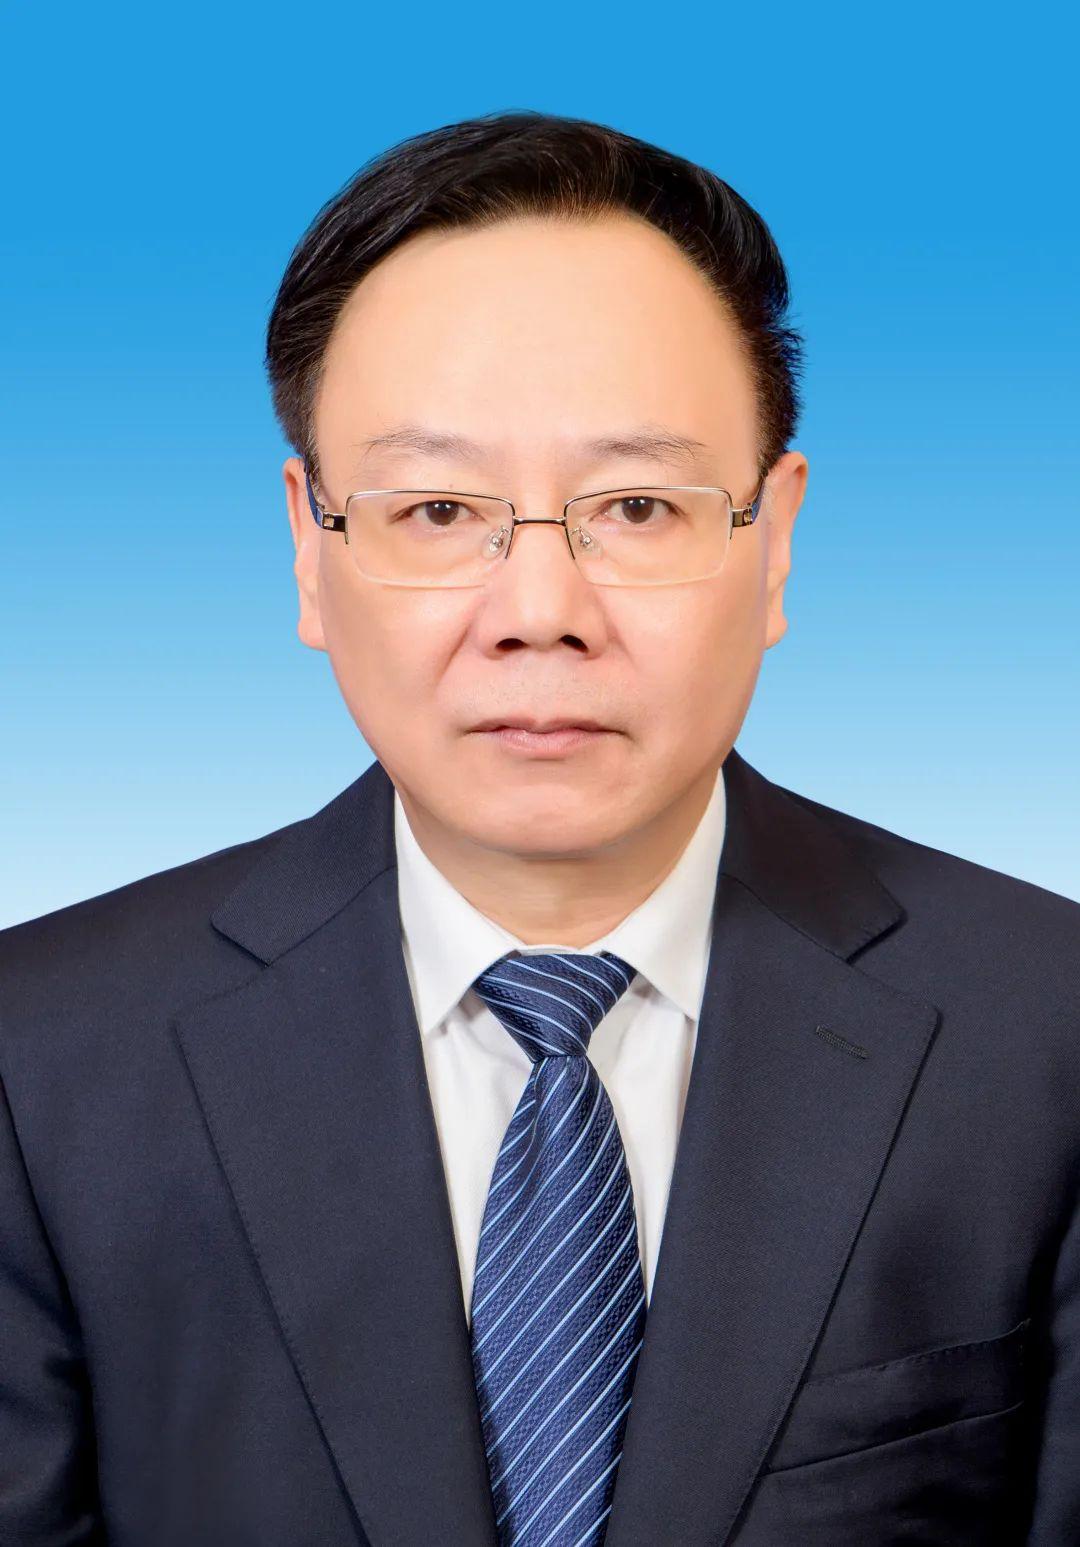 河北廊坊市人大常委会主任、副主任、秘书长简历